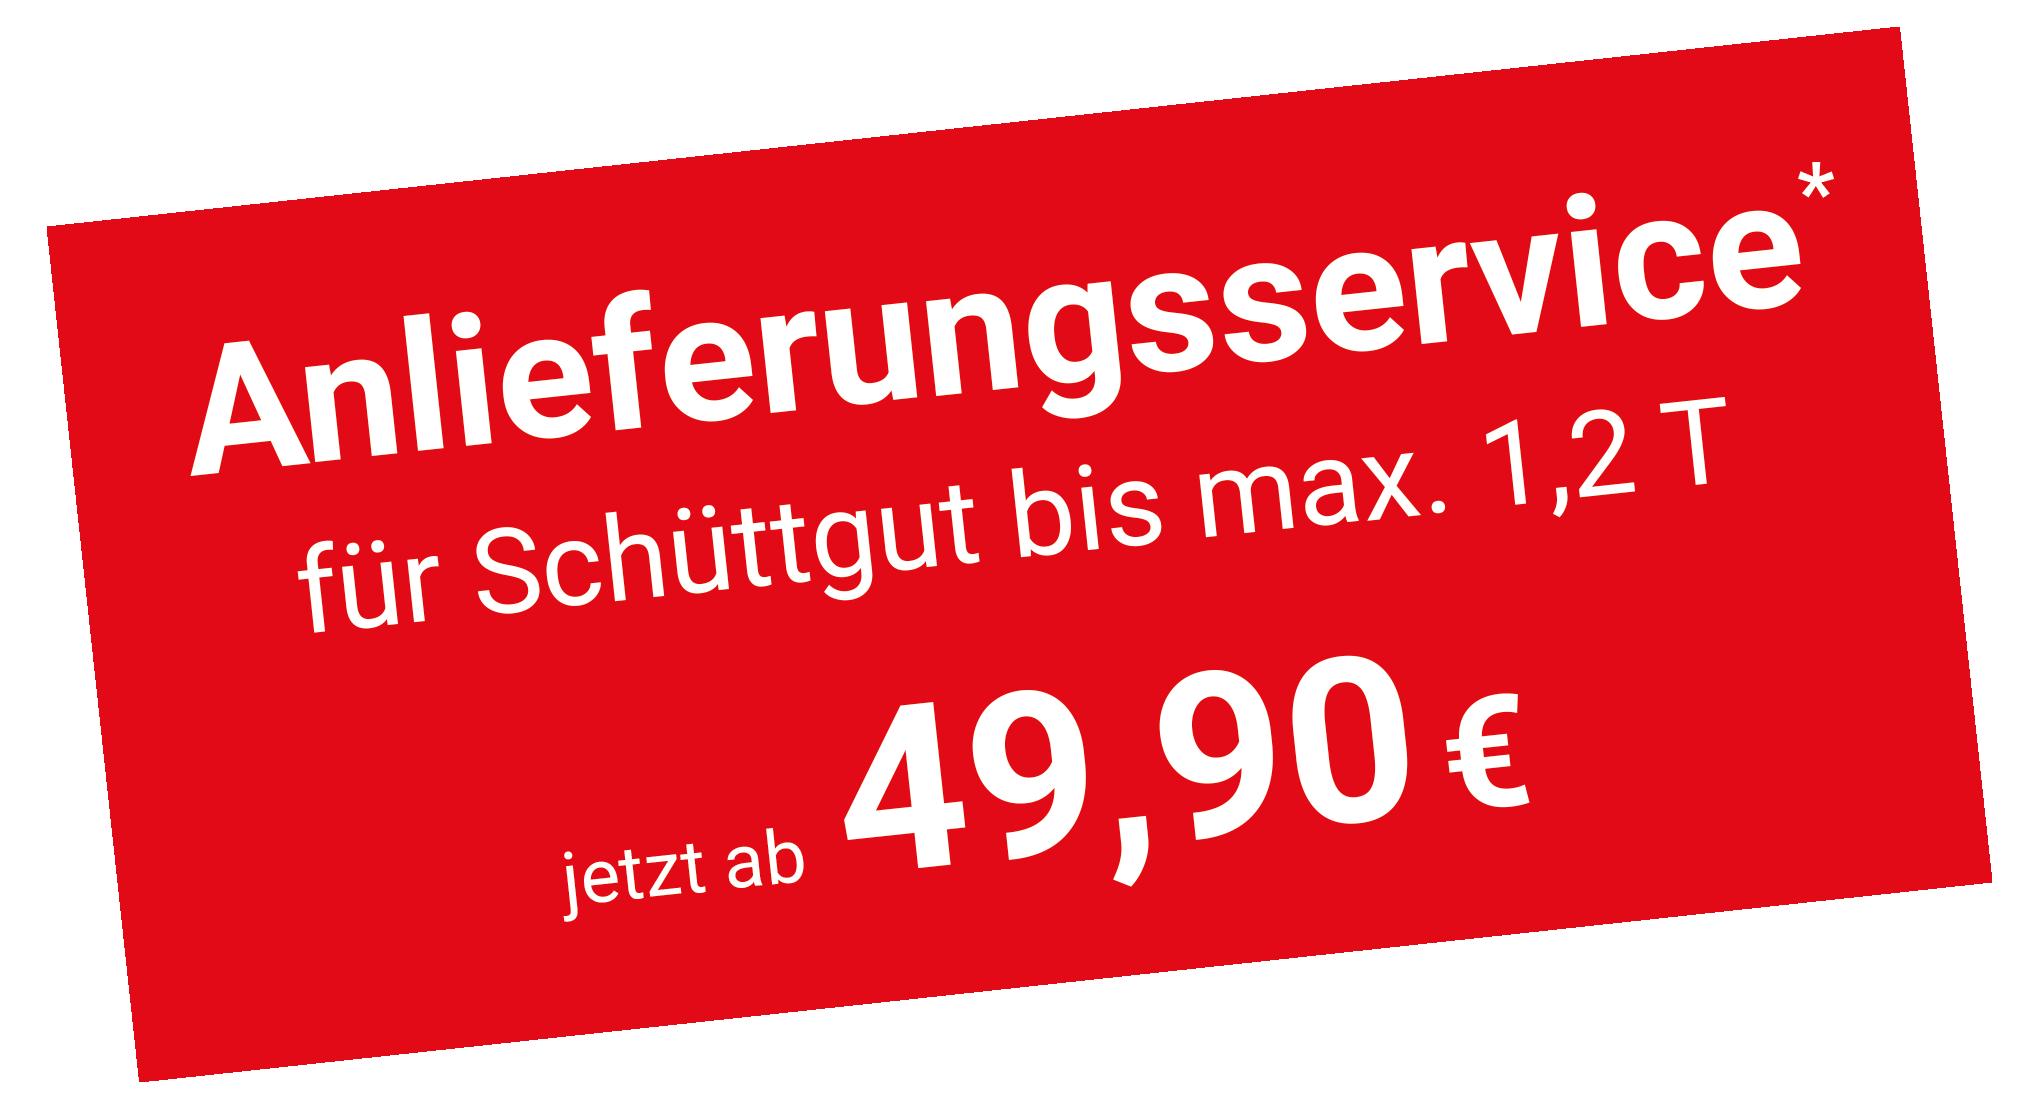 Schüttgut Anlieferungsservice bis max. 1,2, Tonnen - ab 49,90 €